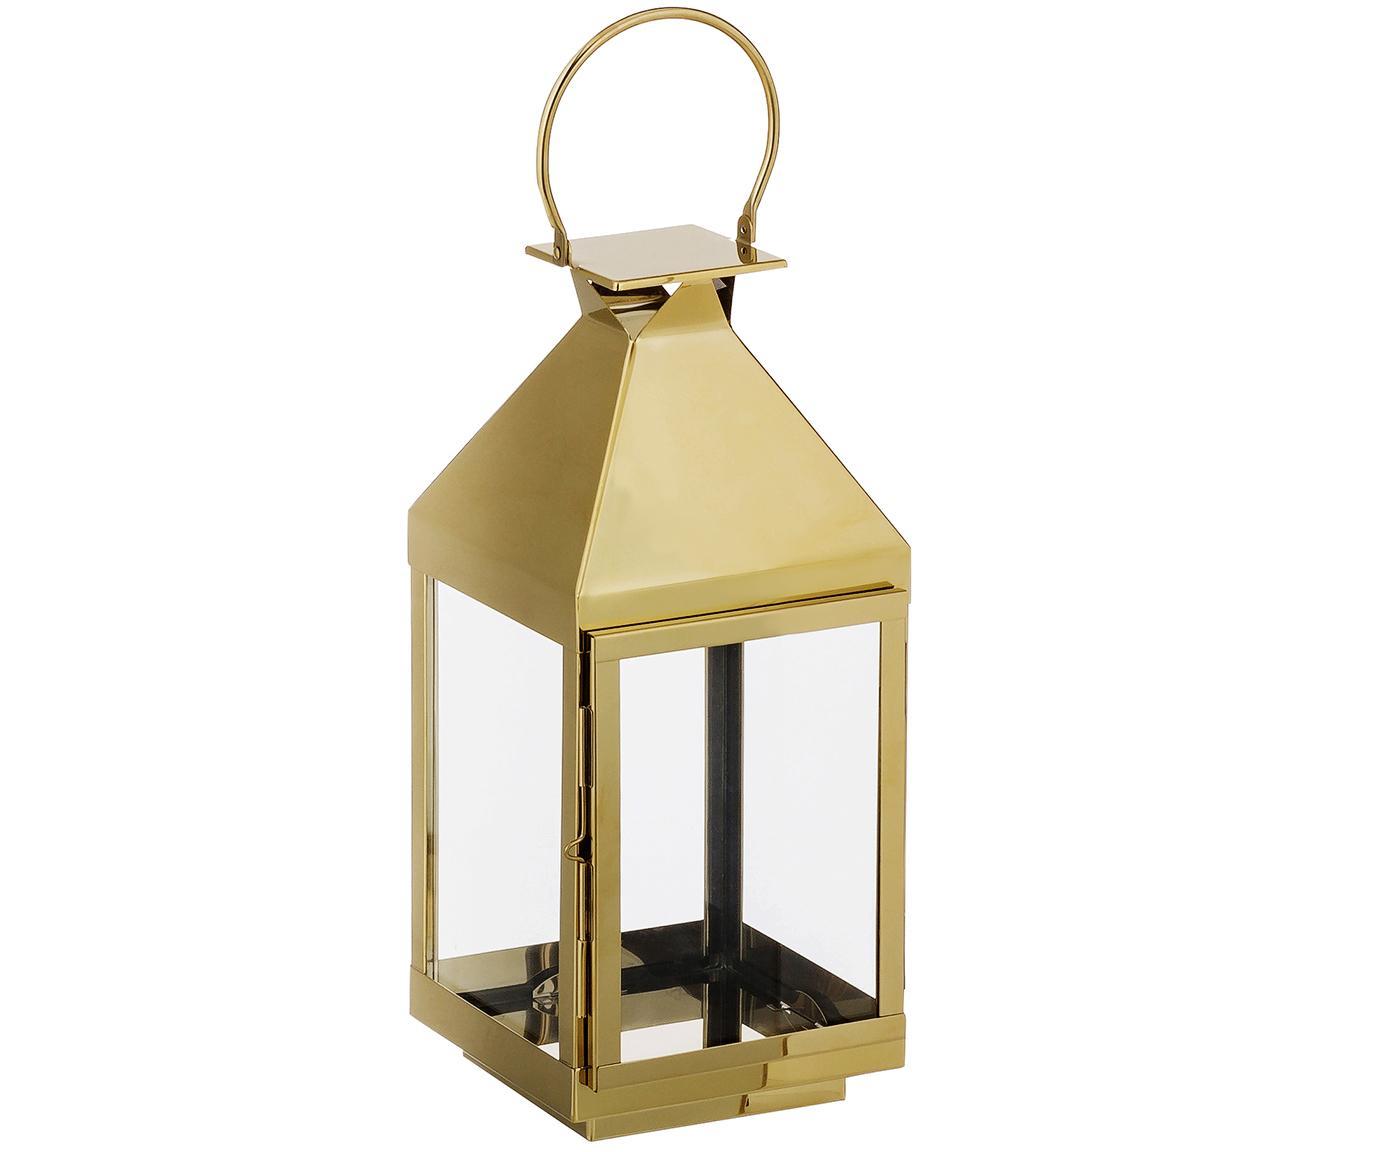 Lanterna Grace, Acciaio inossidabile lucidato a specchio, vetro, Dorato, molto lucido, A 50 cm